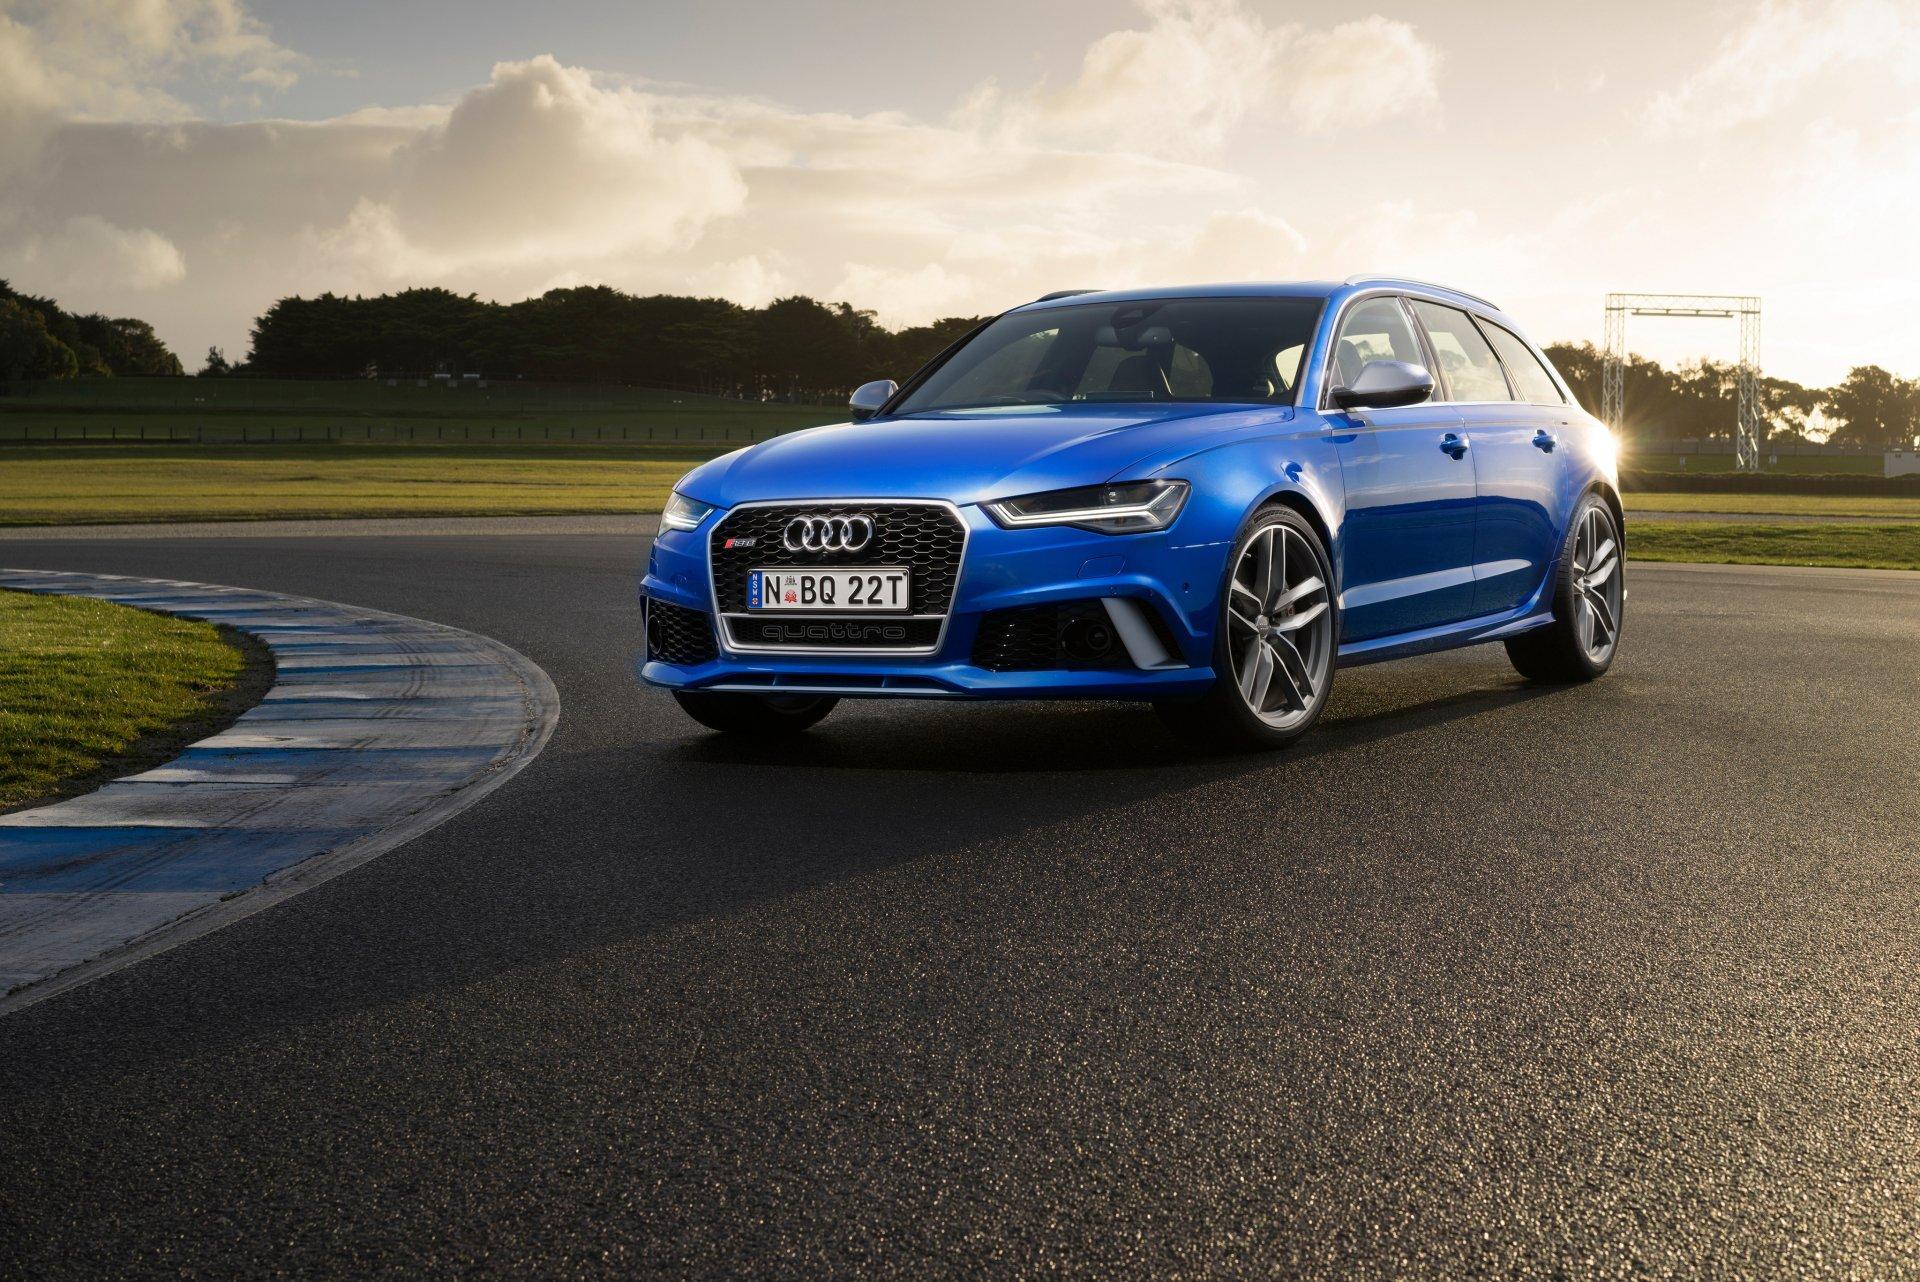 Audi RS6 4k Ultra Fond d'écran HD | Arrière-Plan | 4096x2734 | ID:688291 - Wallpaper Abyss